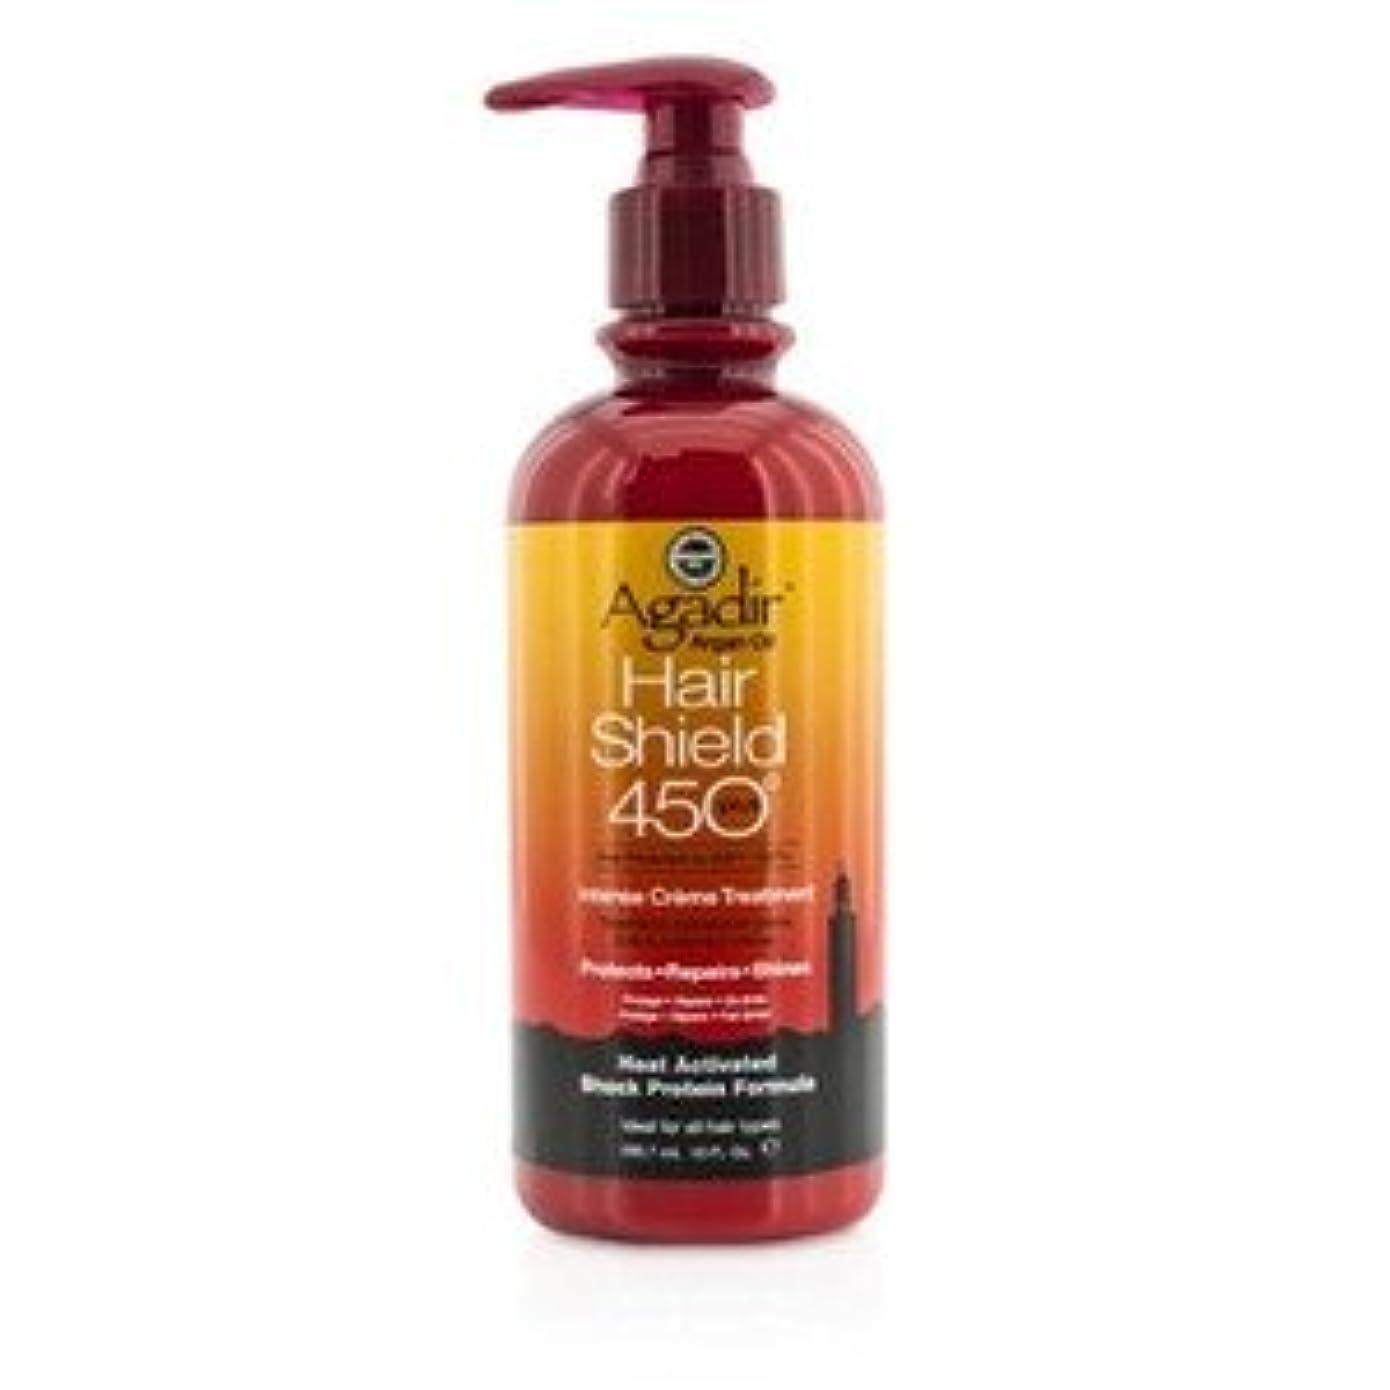 留め金ポーチ究極のアガディール(Agadir) ヘア シールド 450 プラス インテンス クリーム トリートメント(For All Hair Types) 295.7ml/10oz [並行輸入品]